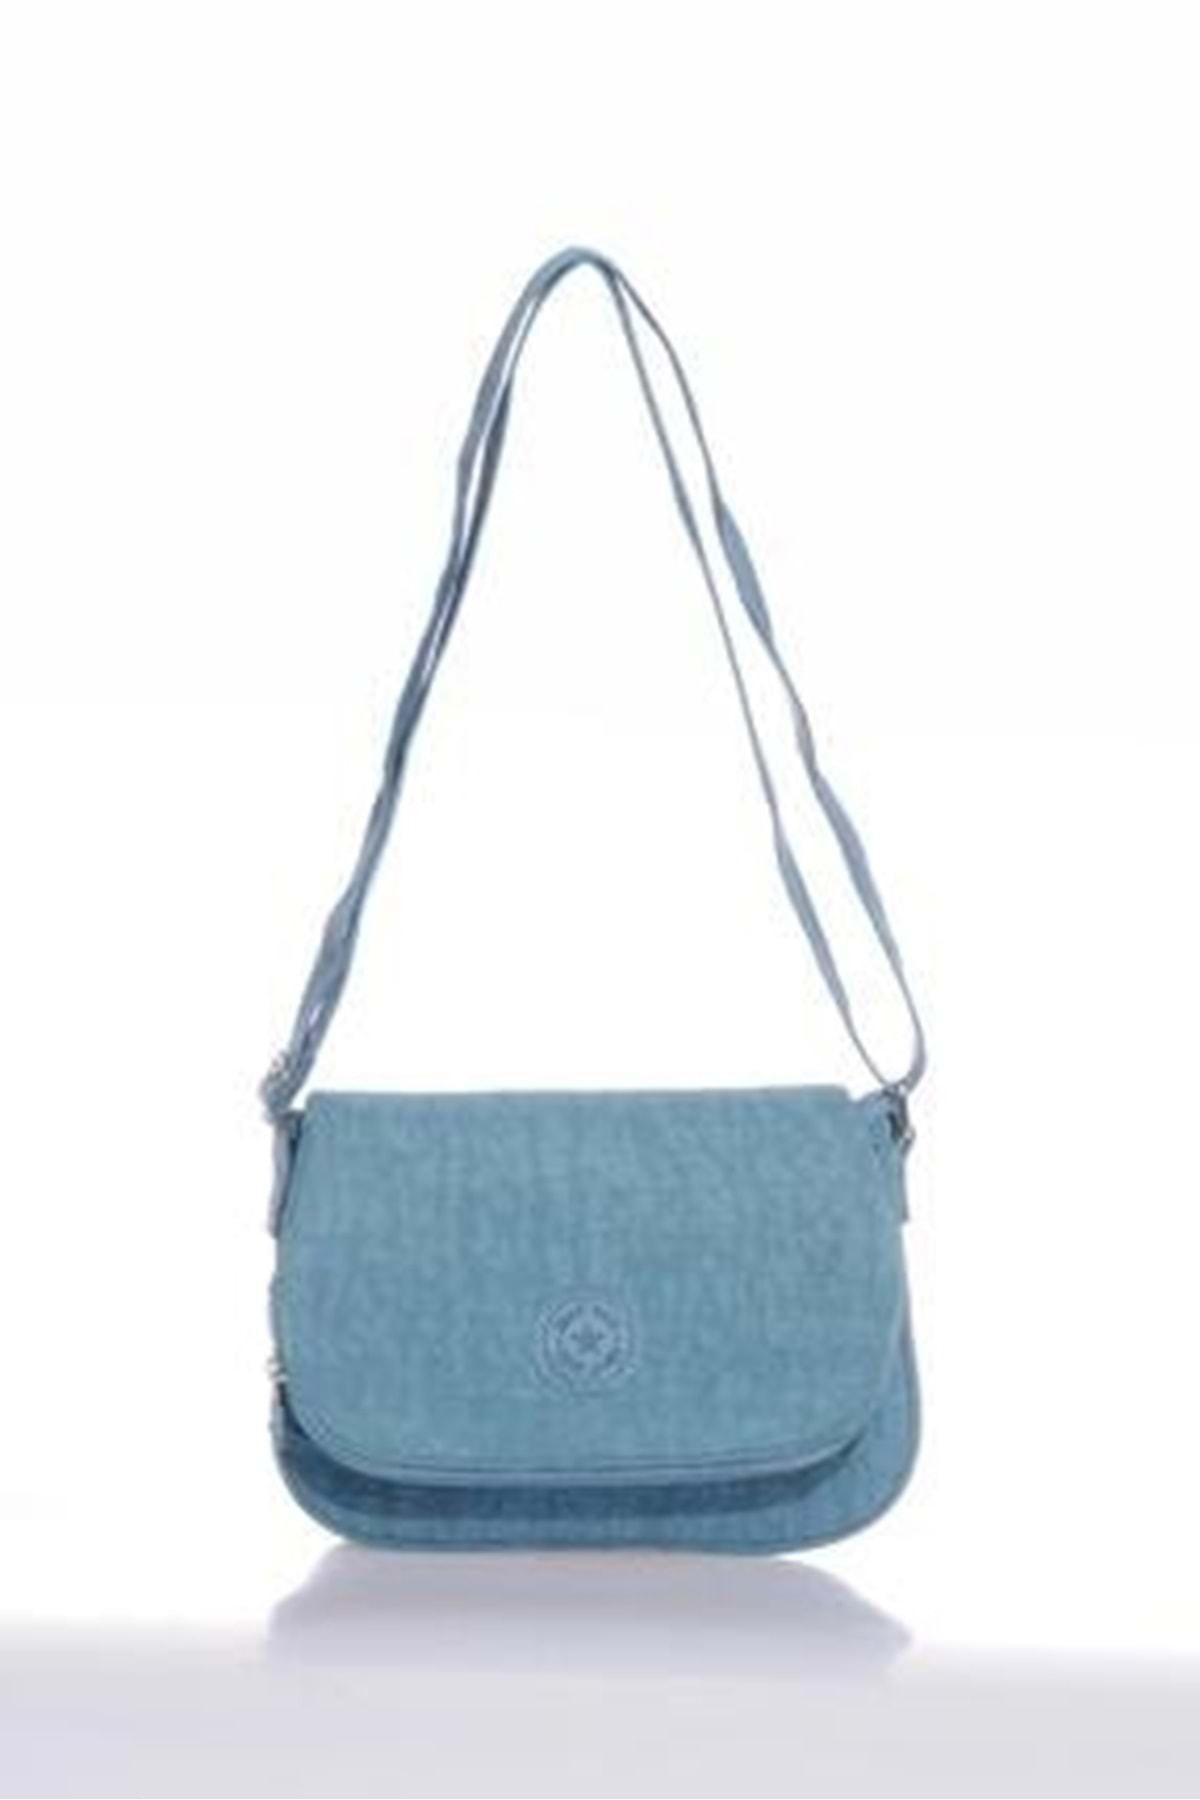 SMART BAGS Kadın  Buz Mavi Omuz Çantası 3056 1